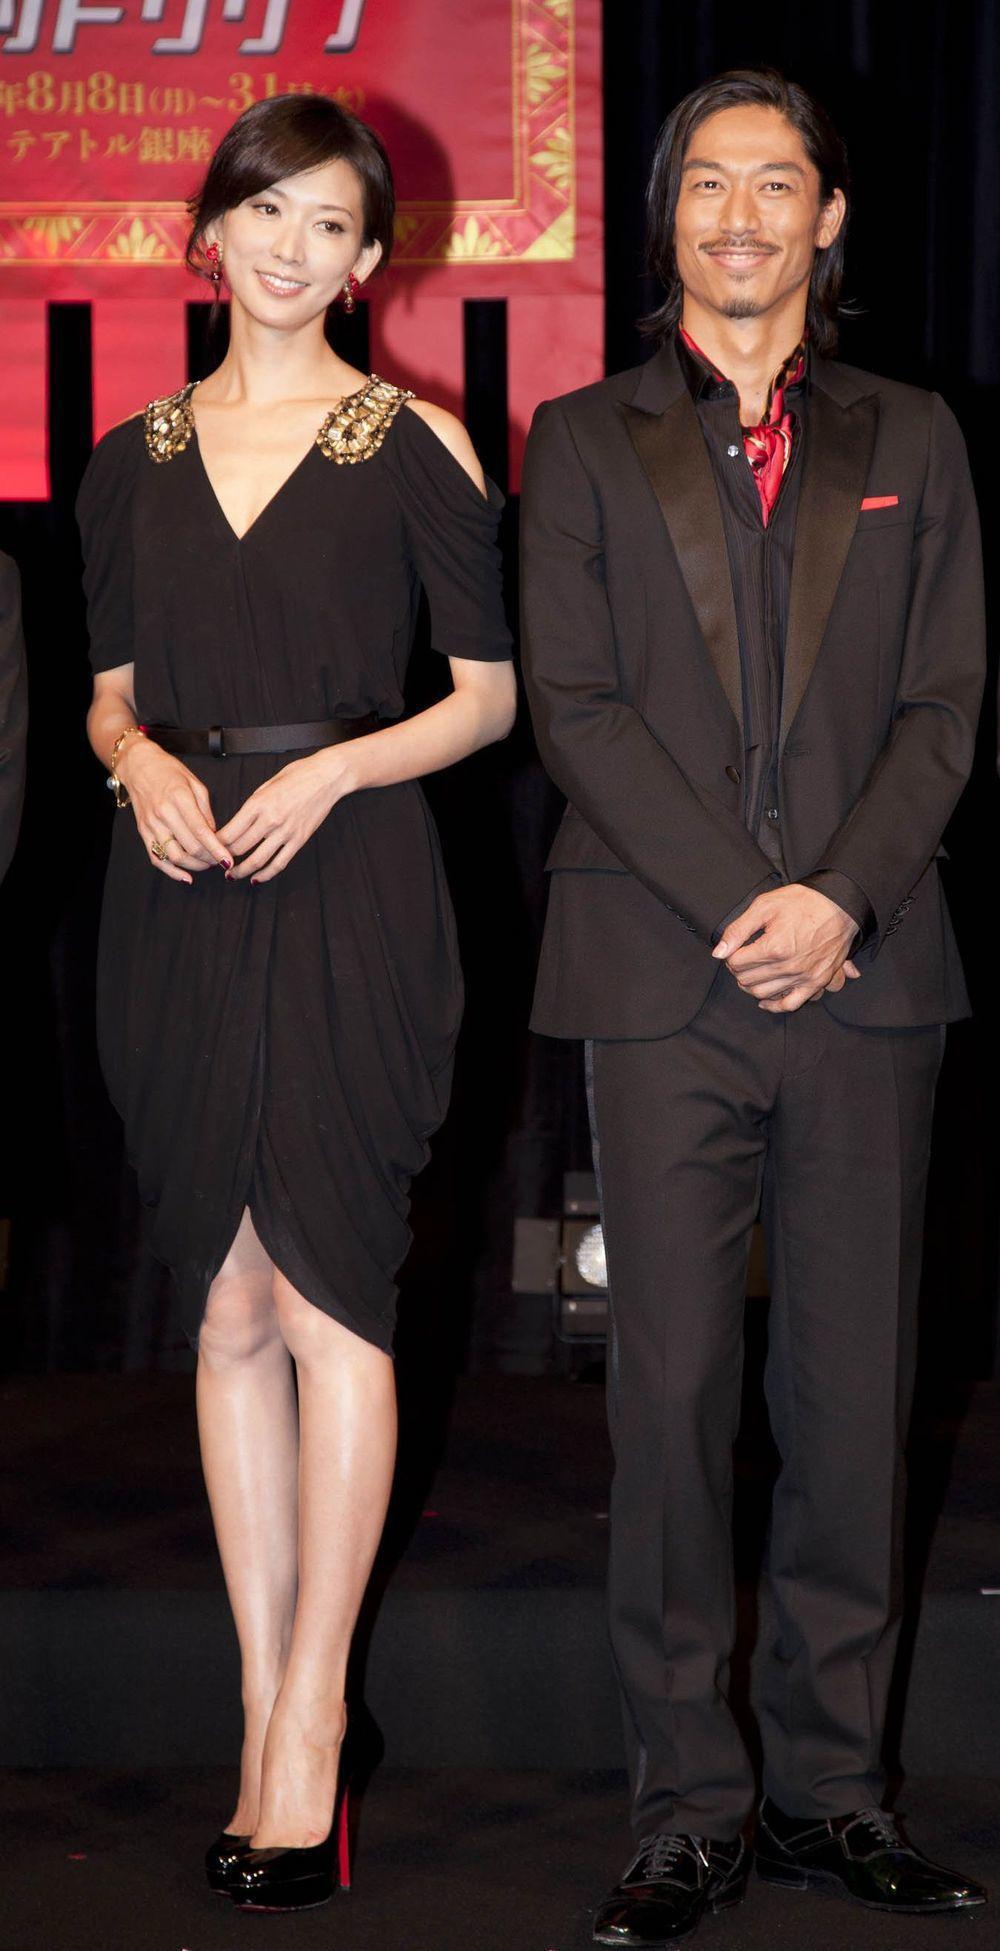 林志玲與放浪兄弟AKIRA情牽舞台劇「赤壁~愛~」。圖/凱渥提供